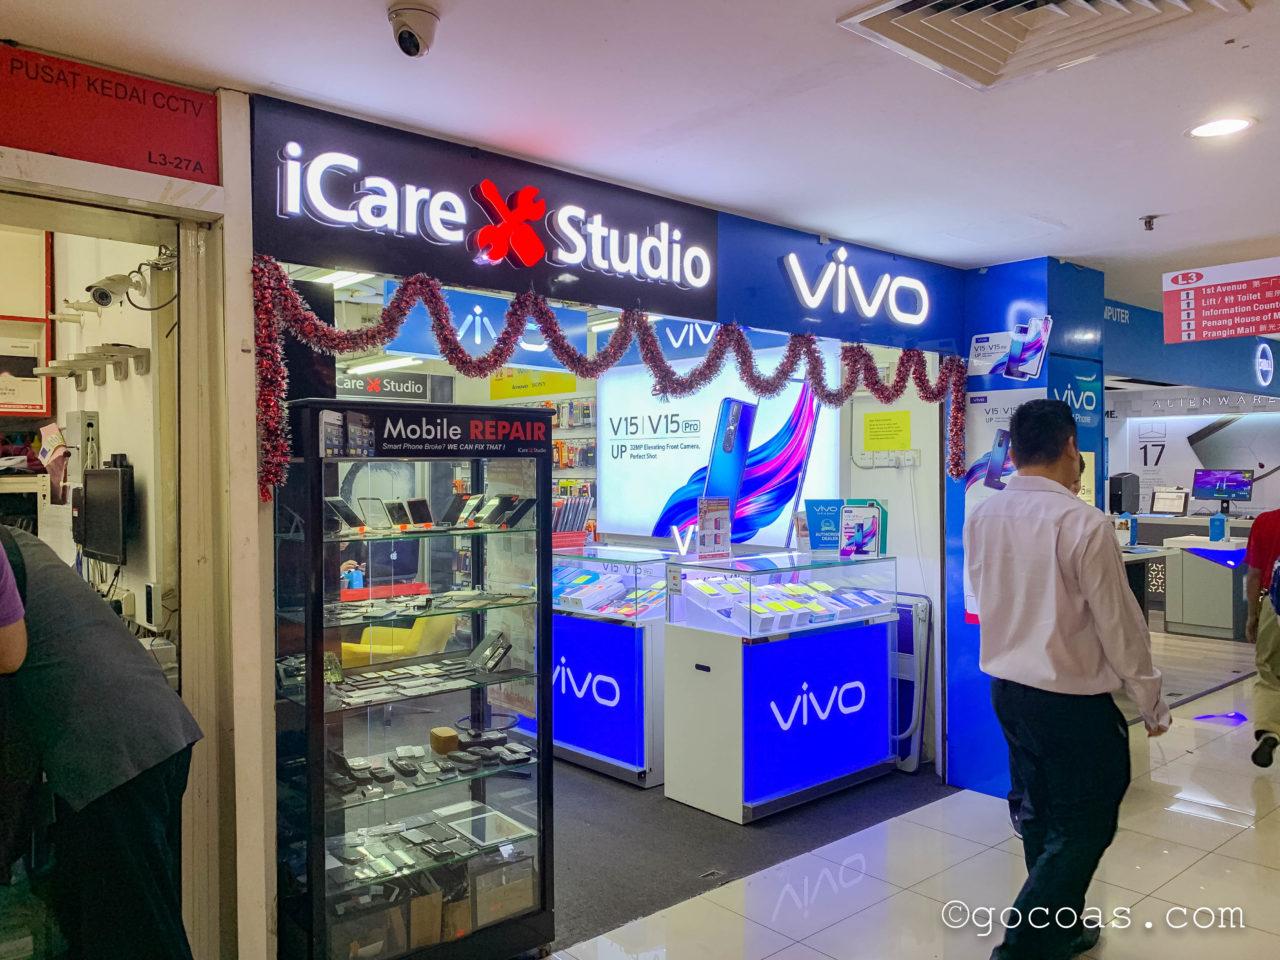 ショッピングモールKomtarの中に並ぶiCare Studioの外観